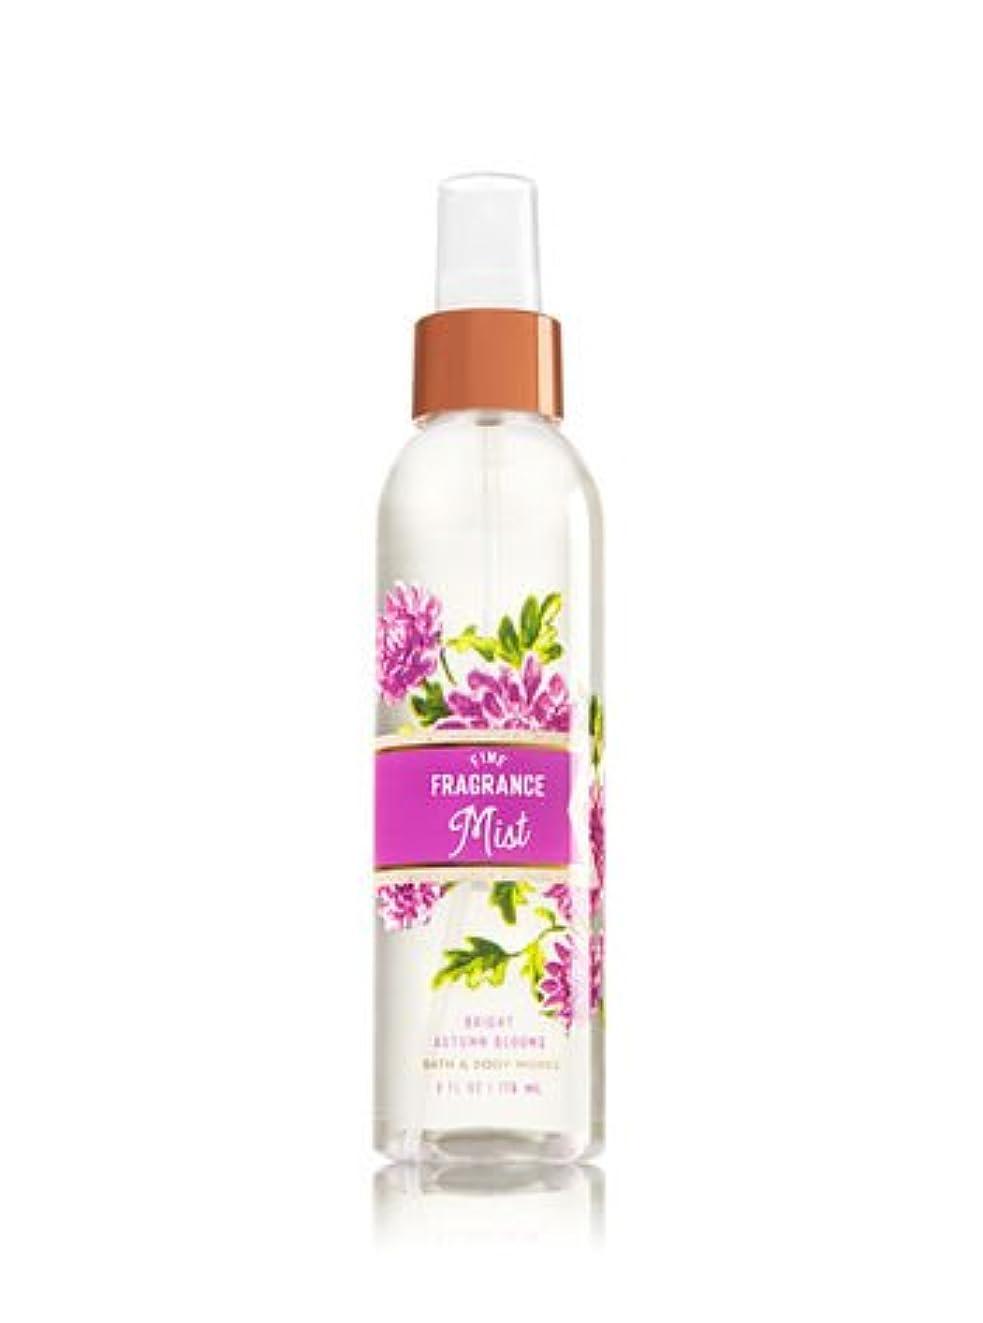 大惨事複雑なオークランド【Bath&Body Works/バス&ボディワークス】 ファインフレグランスミスト ブライトオータムブルーム Fine Fragrance Mist Bright Autumn Blooms 6oz (176ml) [並行輸入品]